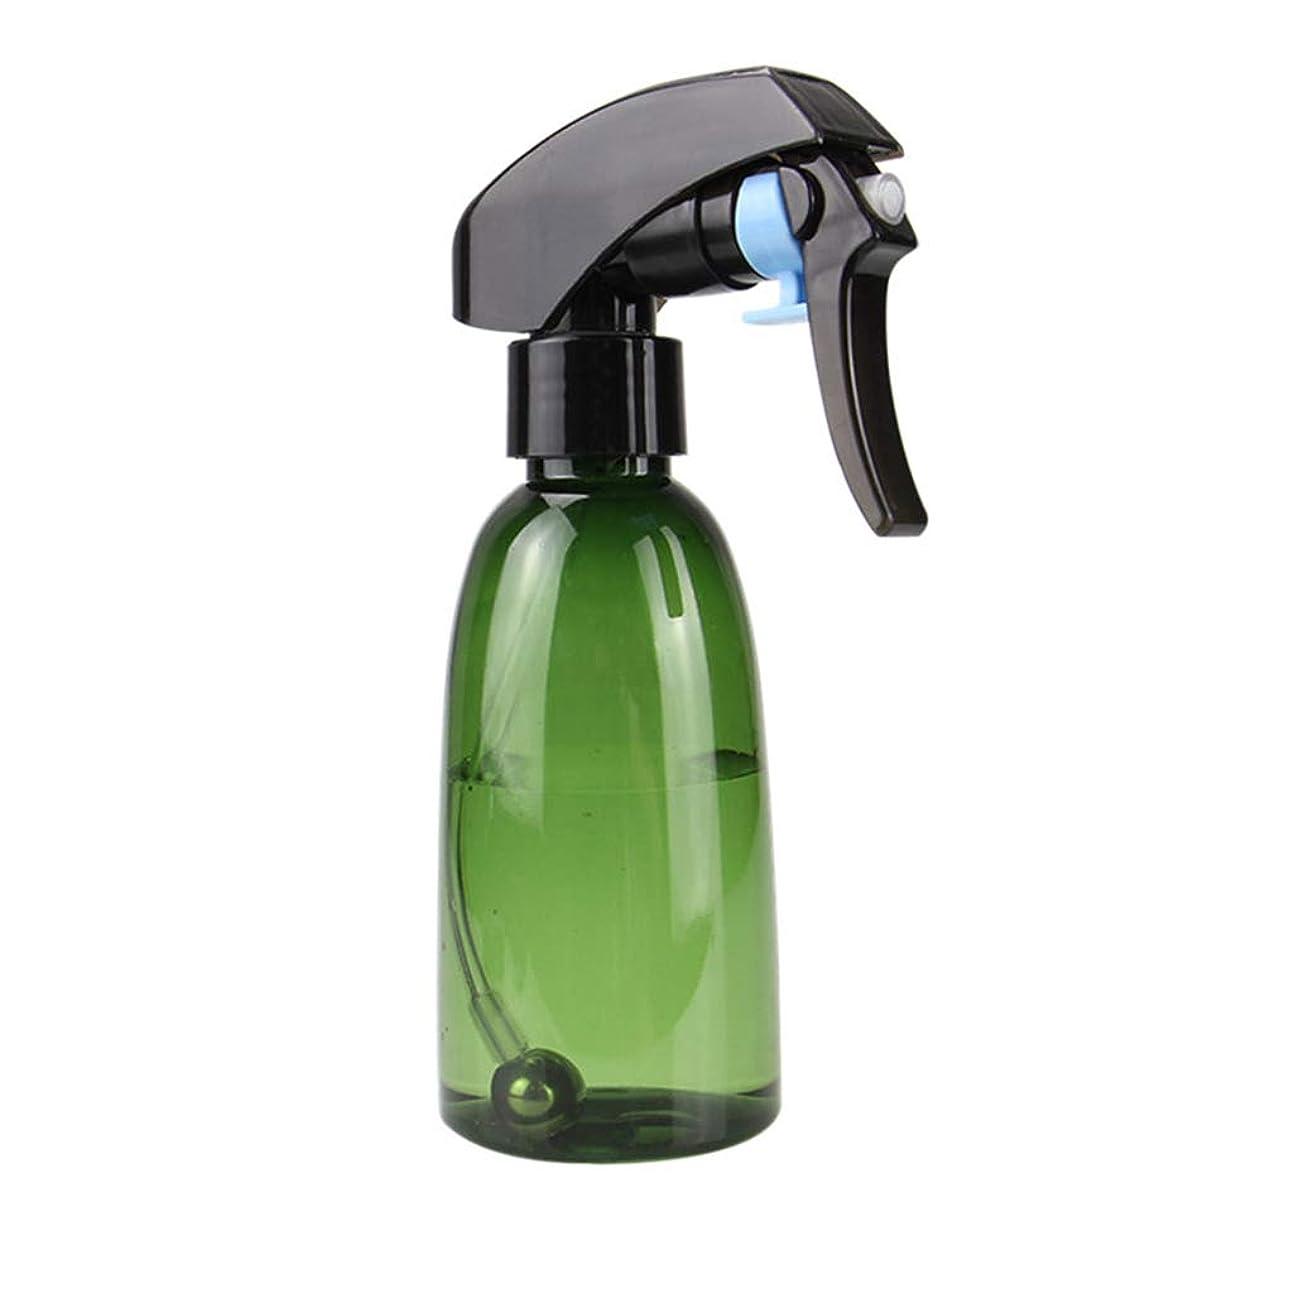 イブニングゴミ革新スプレーボトル、高圧スプレーボトル、美容師、ファインミスト (色 : A)